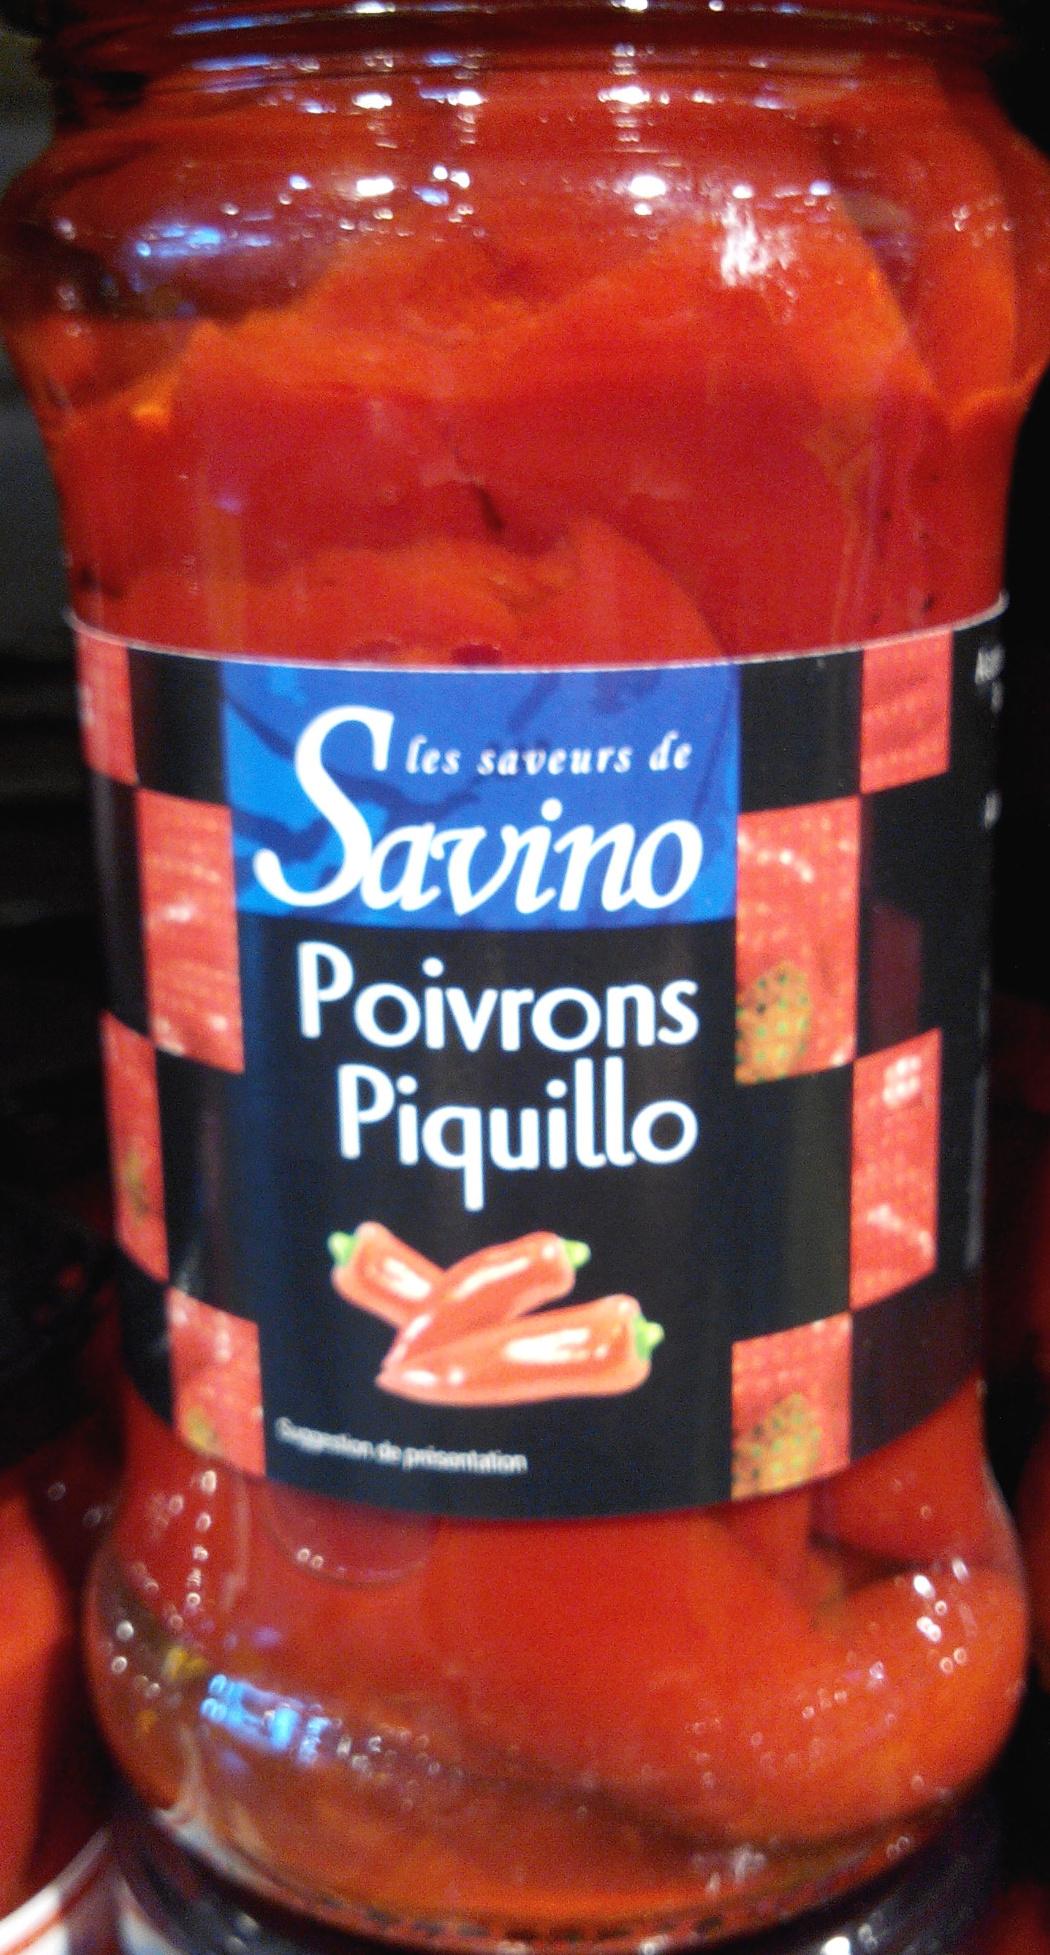 Poivrons piquillo - Produit - fr